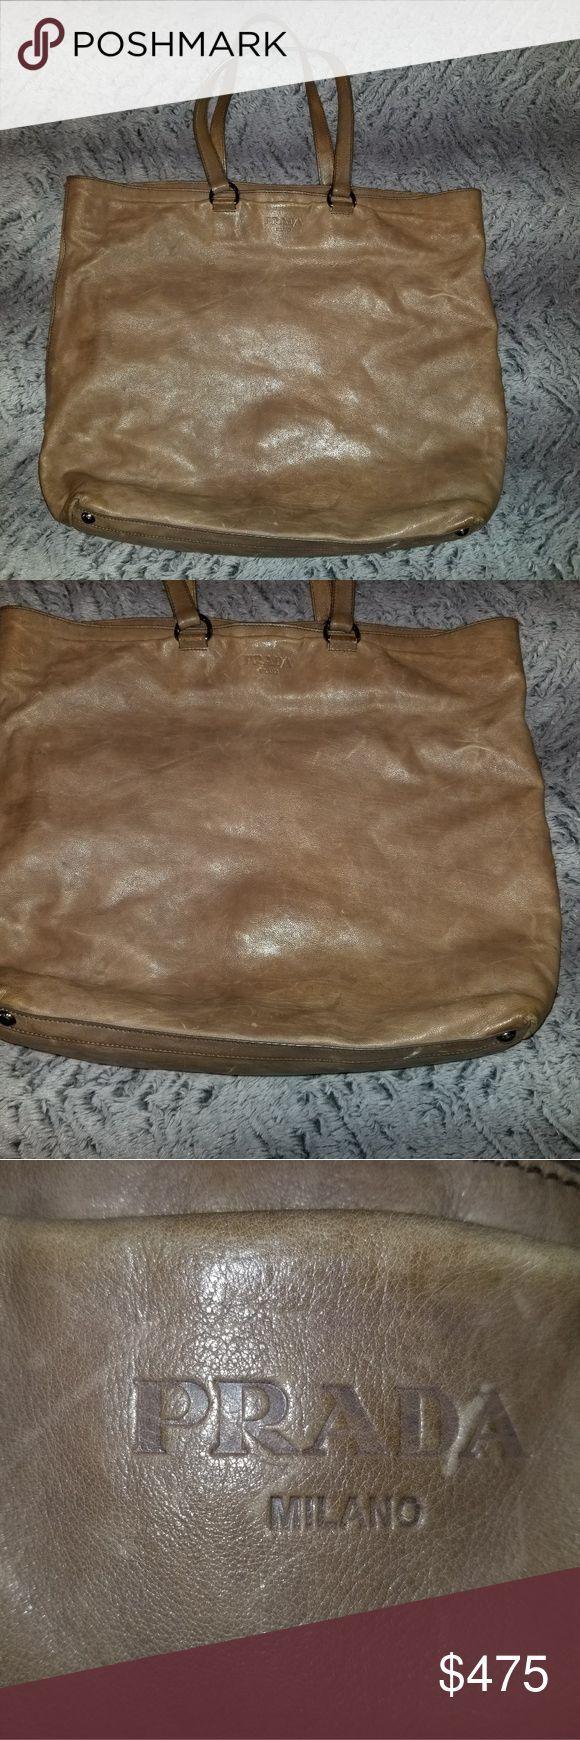 Prada Tasche Prada Tasche leicht mit abgenutzter Lederoptik. Griffe haben  etwas Abnutzung . 071ce317acf